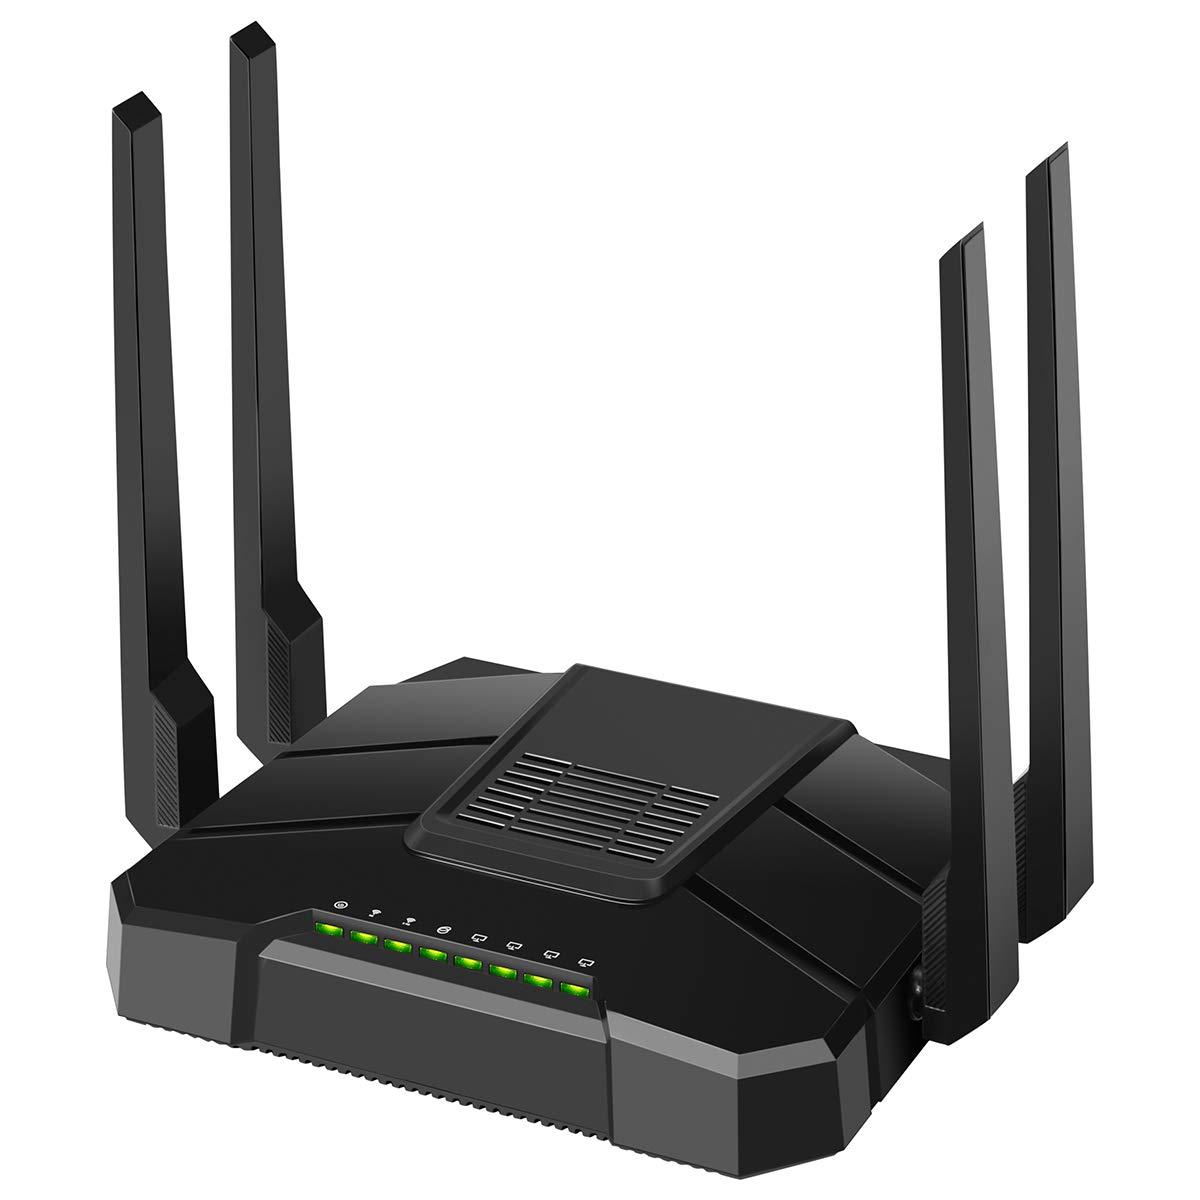 Router Wireless Internet Firewall Parental